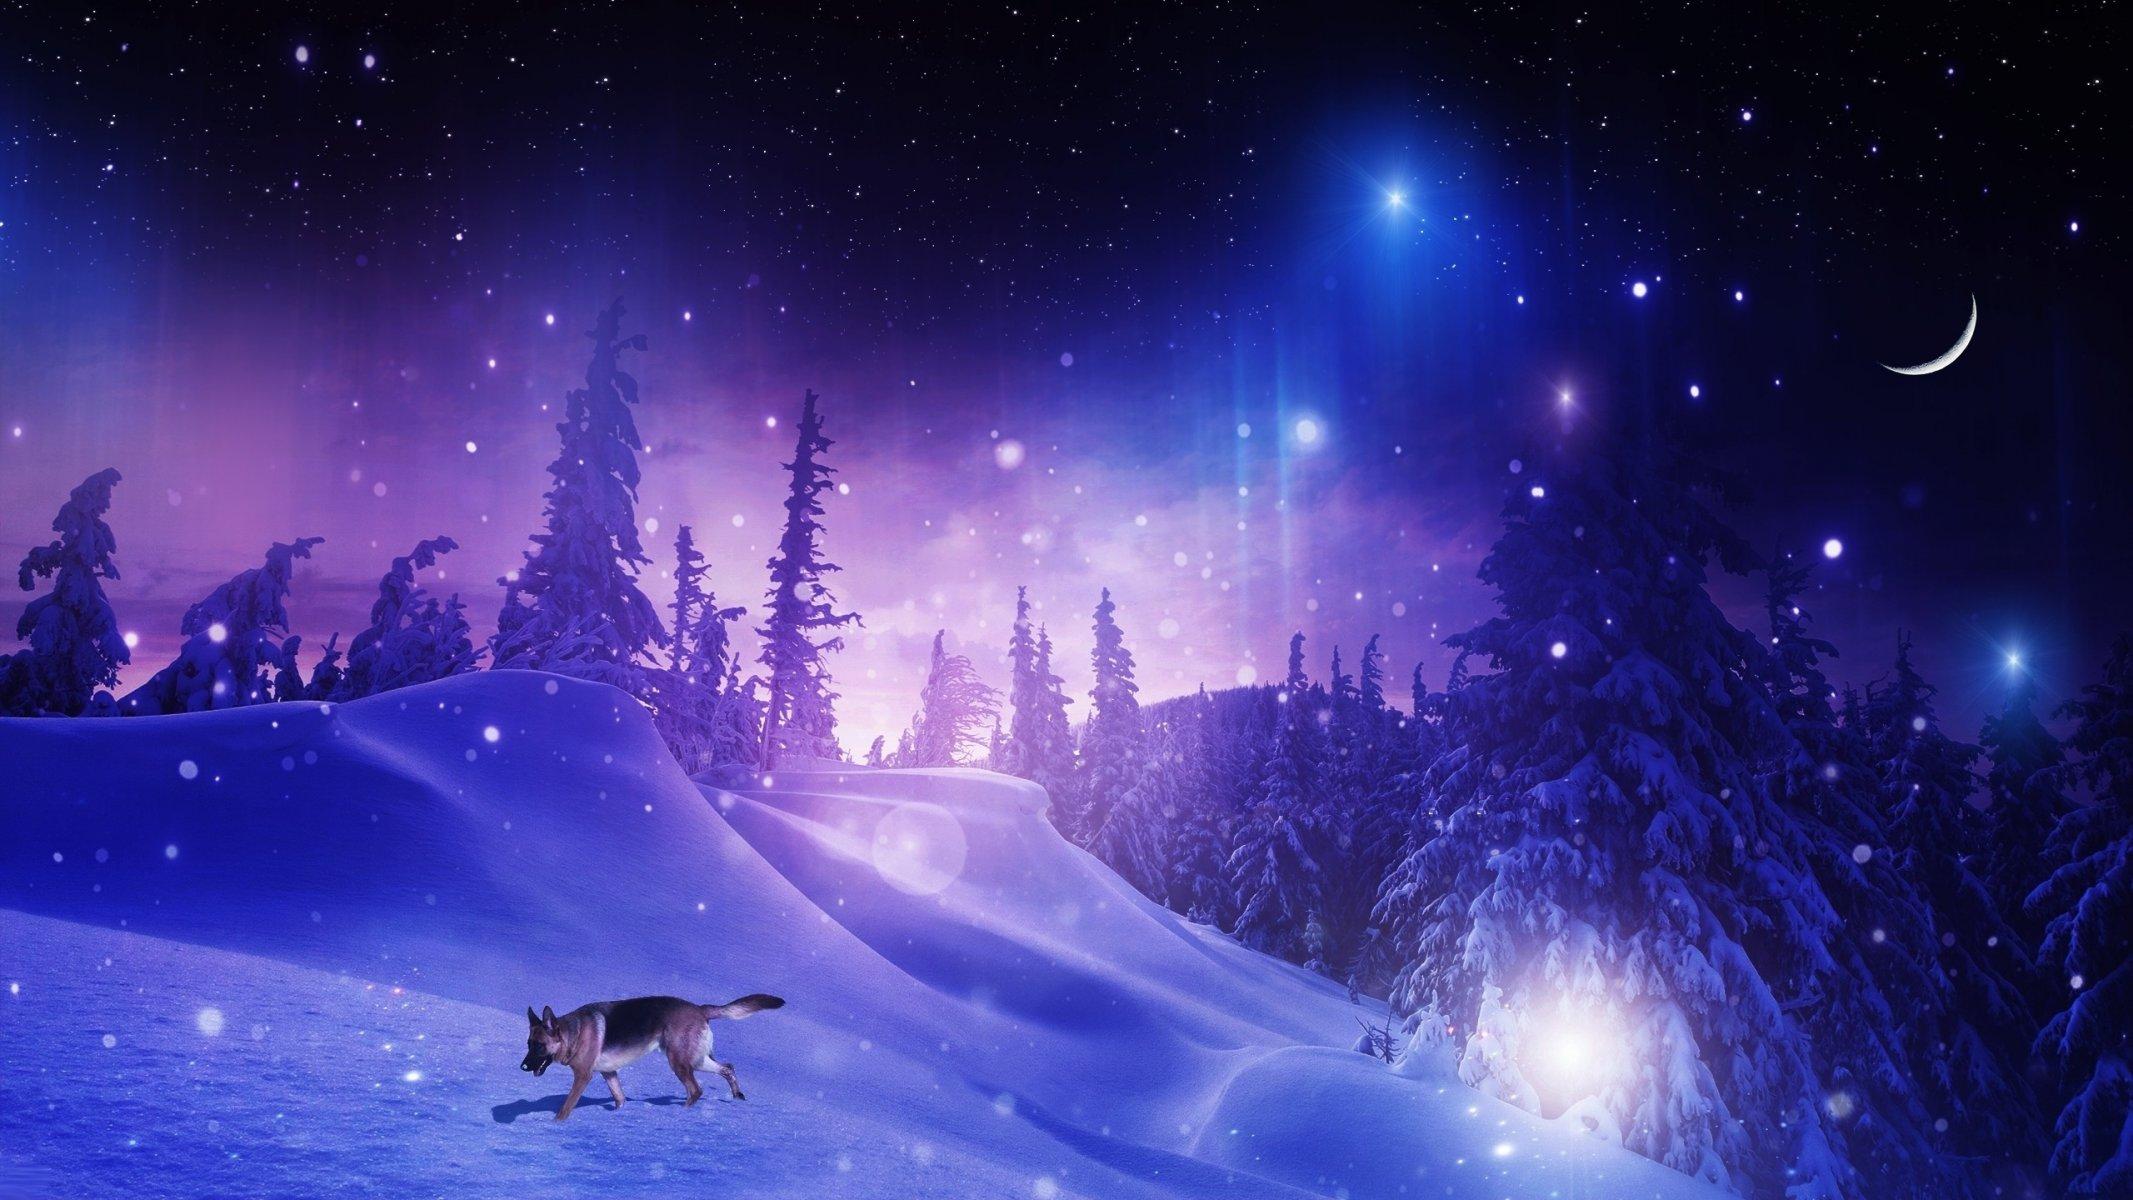 снежная ночь без смс